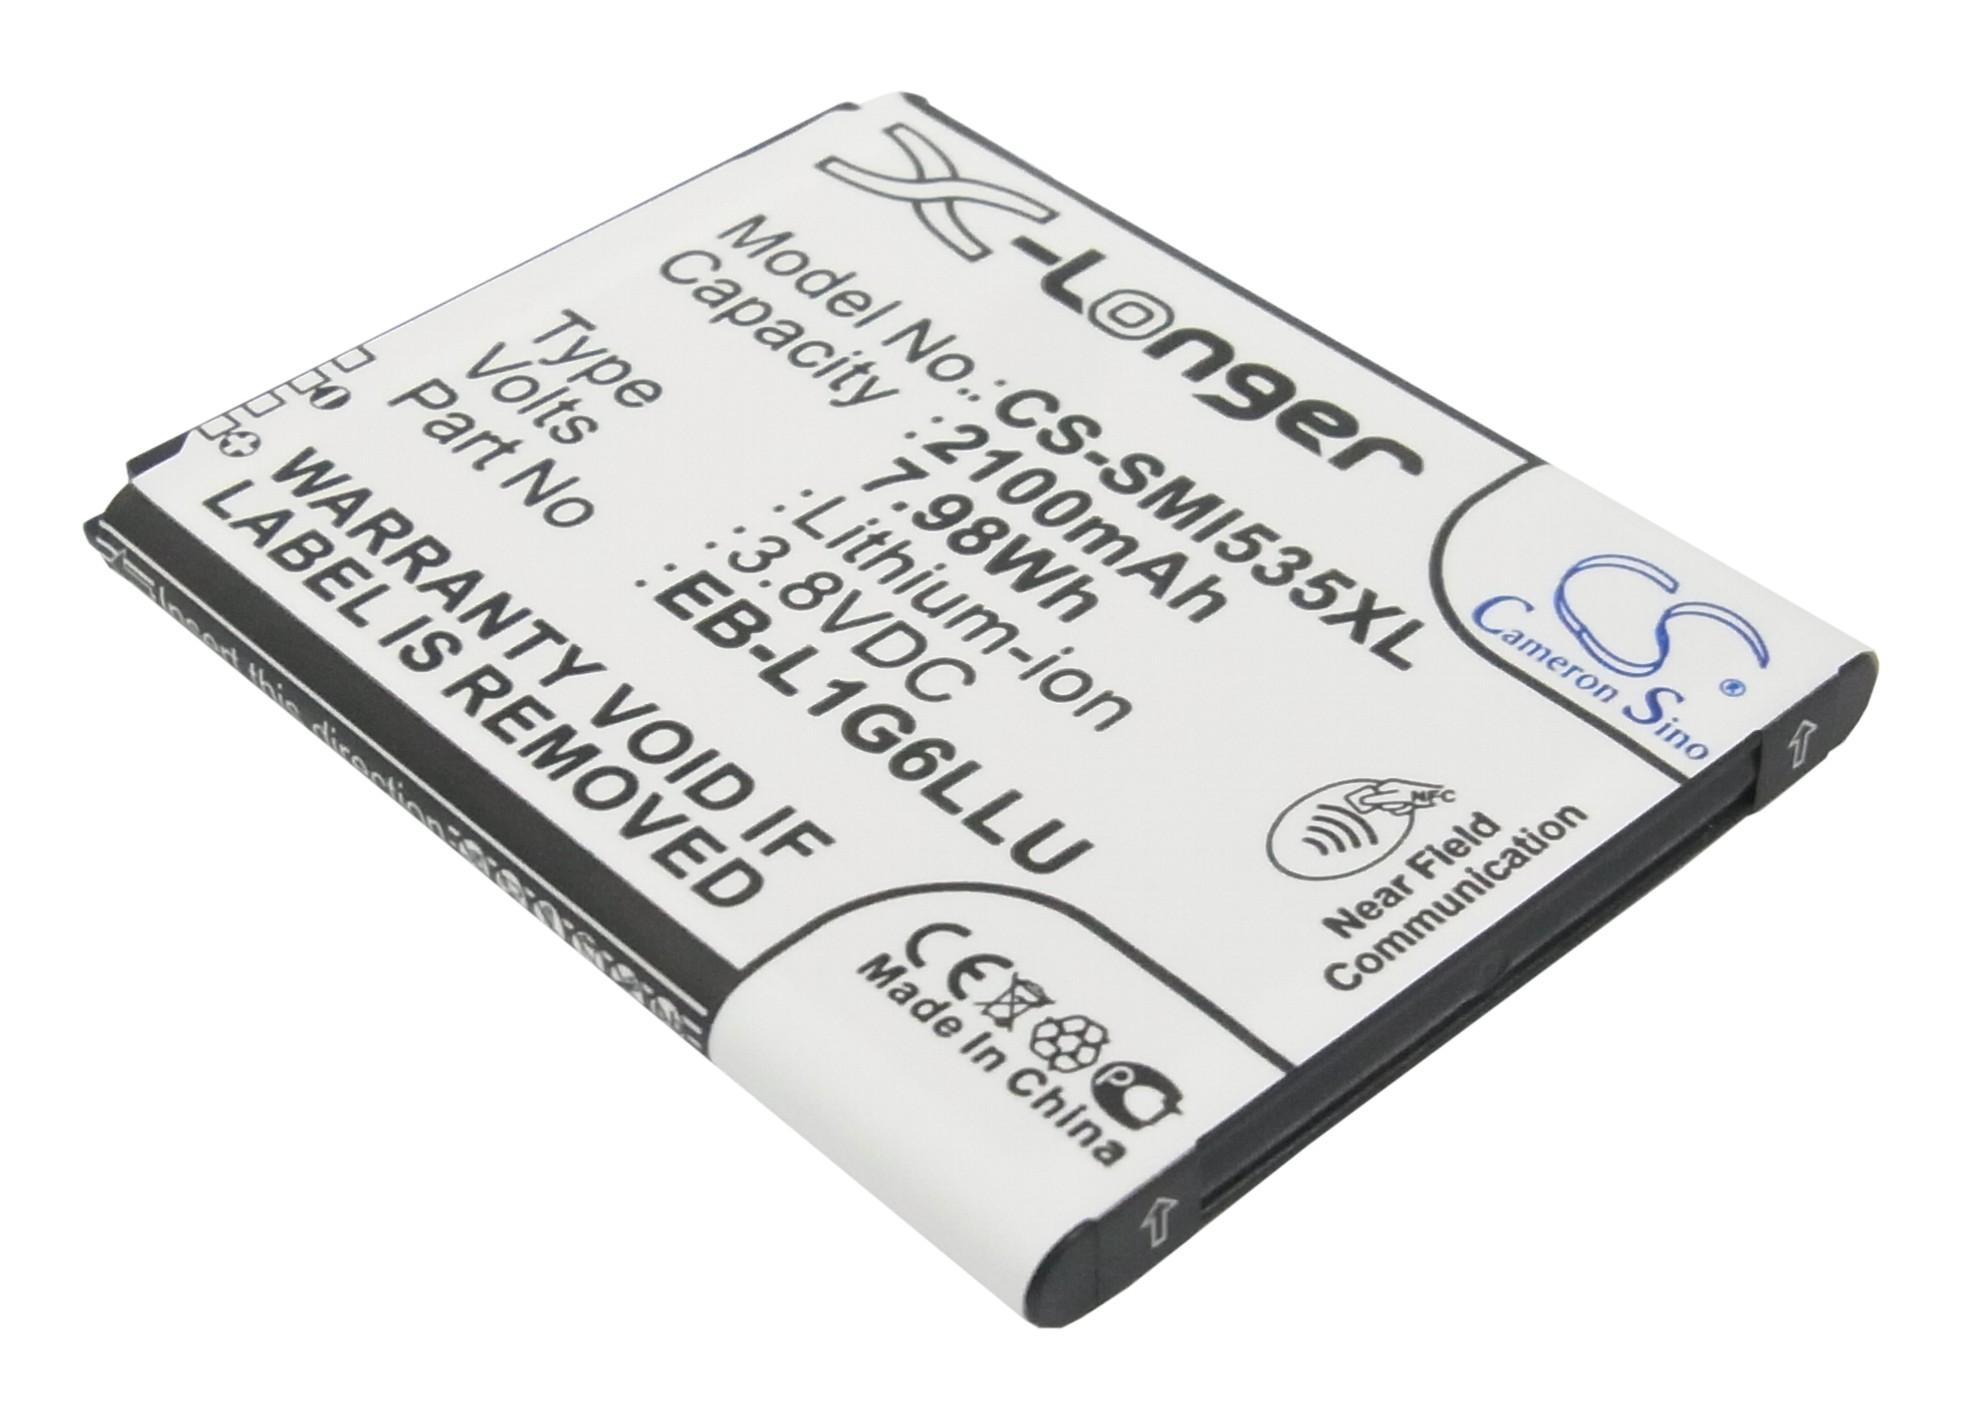 Cameron Sino baterie do mobilů pro SAMSUNG SCH-R530 3.8V Li-ion 2100mAh černá - neoriginální